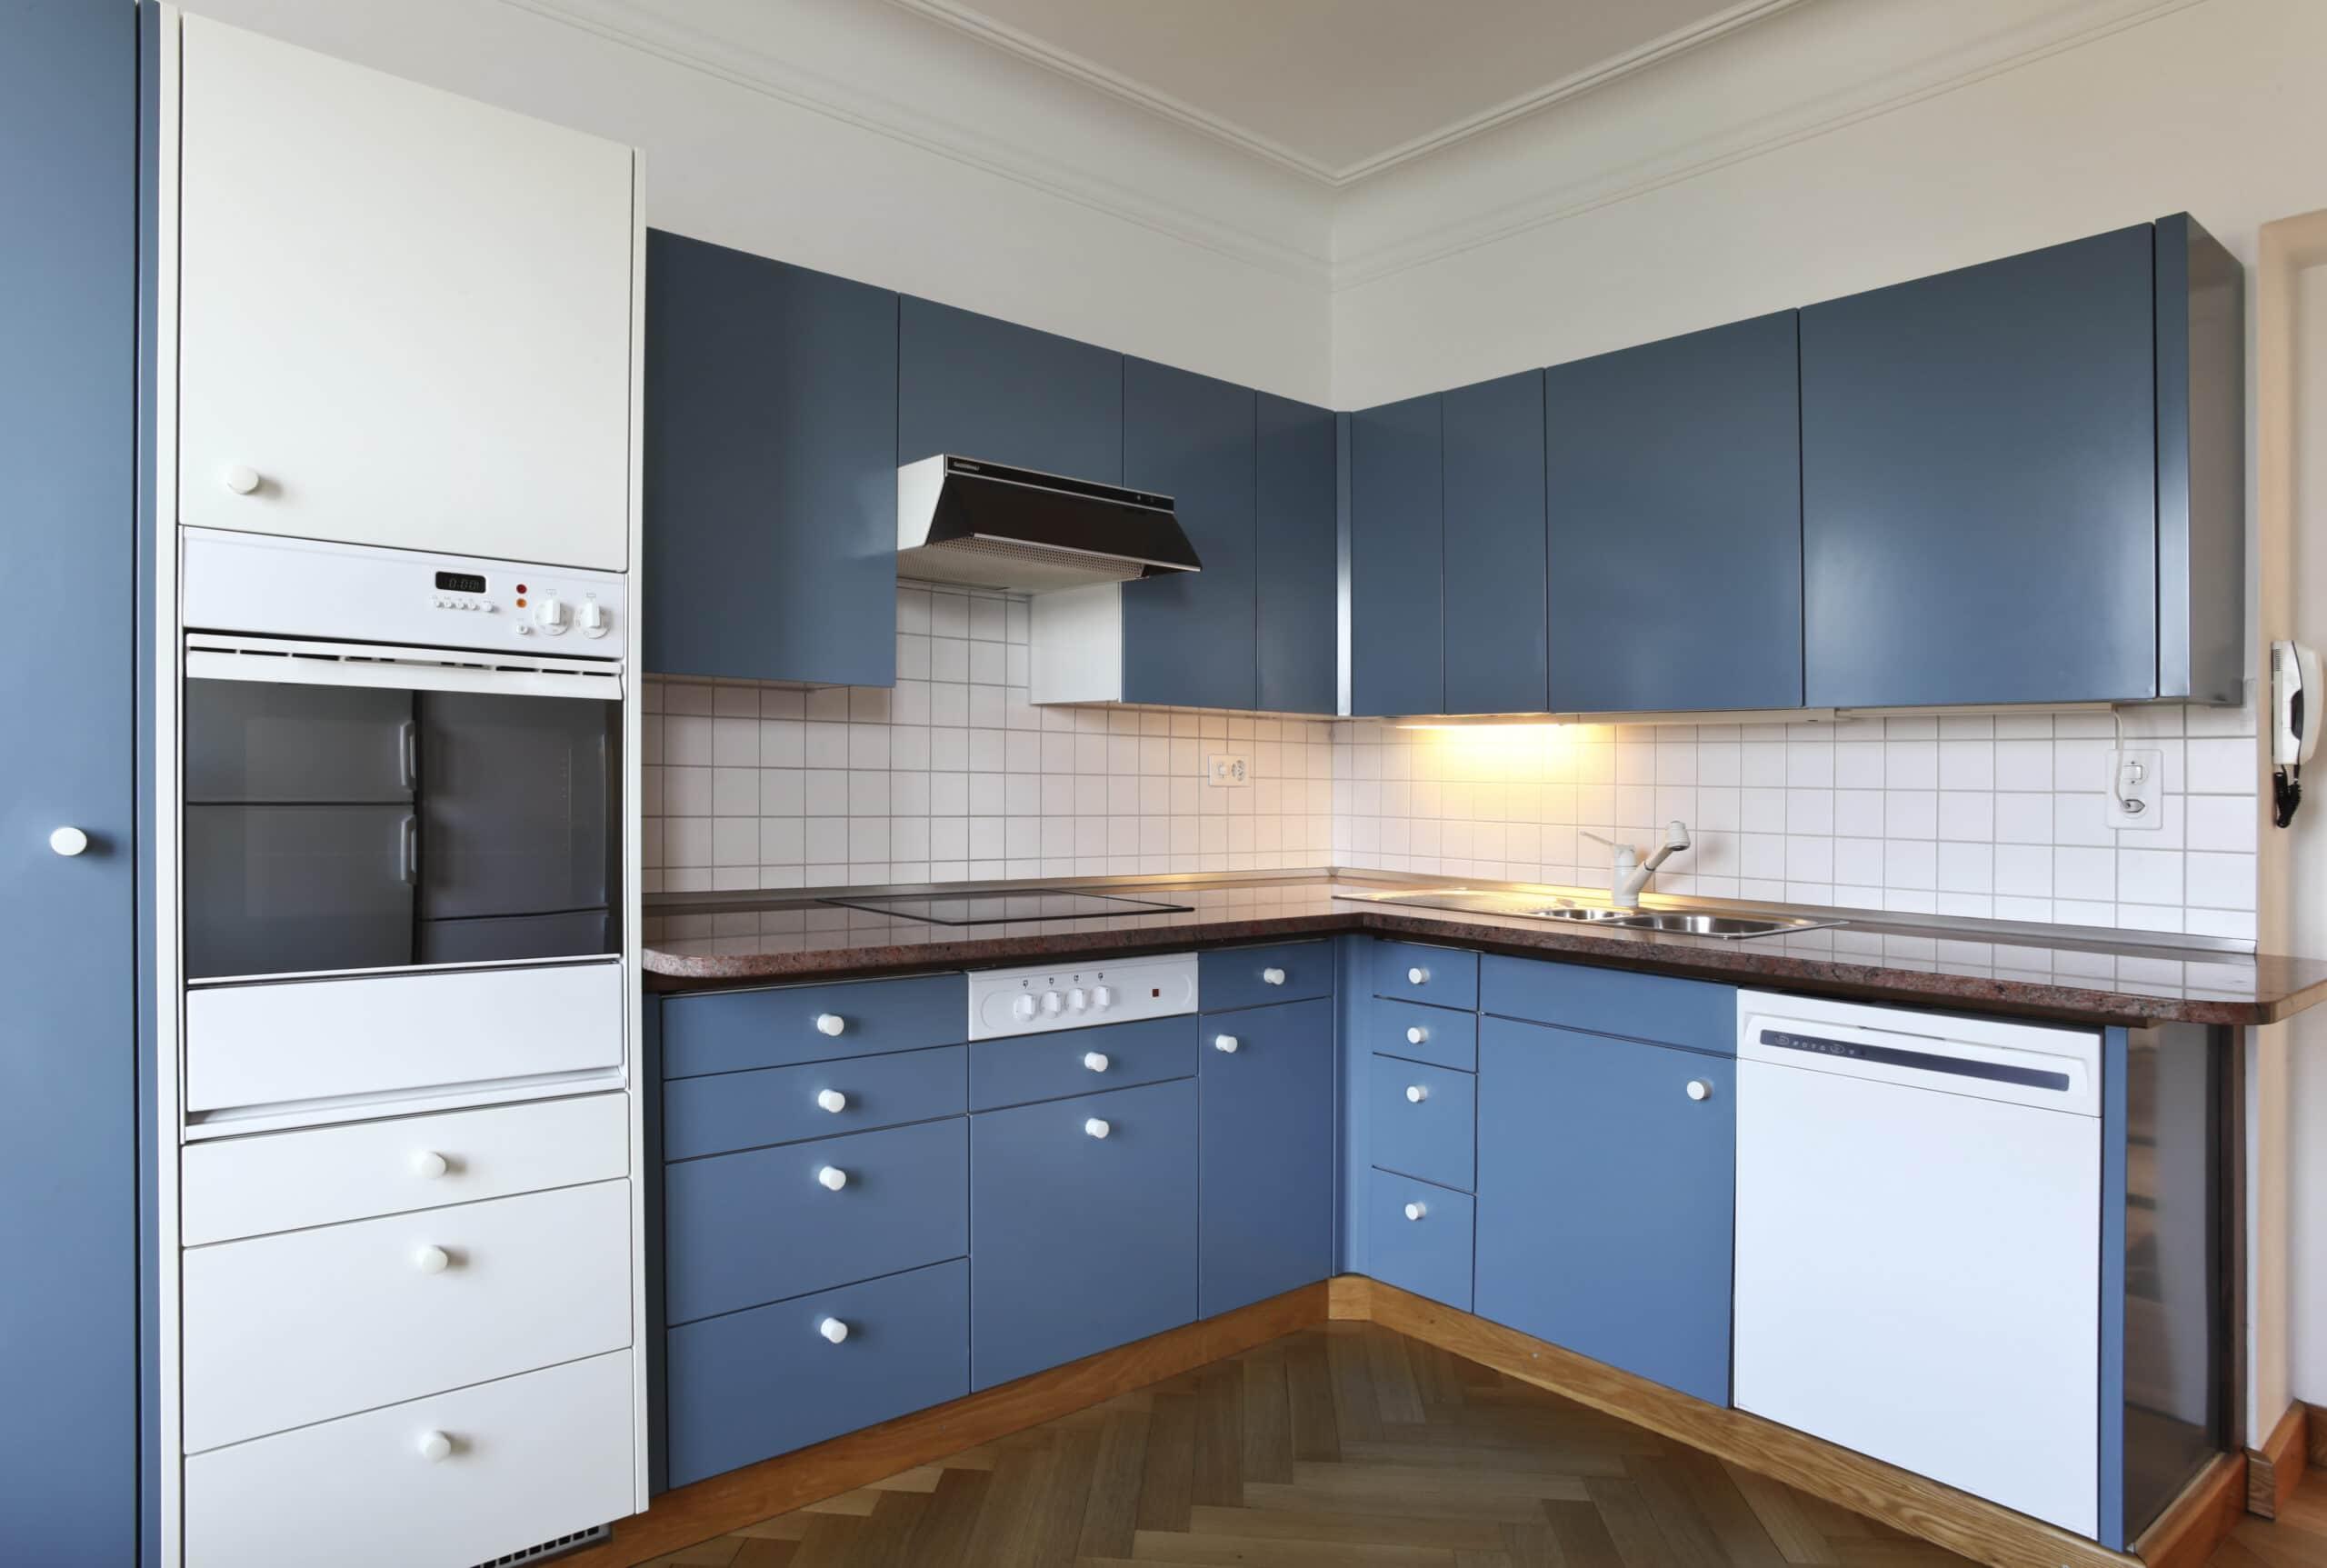 עיצוב מטבחים בהתאמהרשת לעיצוב מטבחים מנוסים עם ניסיון רב בשנים שיודעים לספק פתרונות מגוונים לכל בית תוך כדי תחזוקת מטבחים